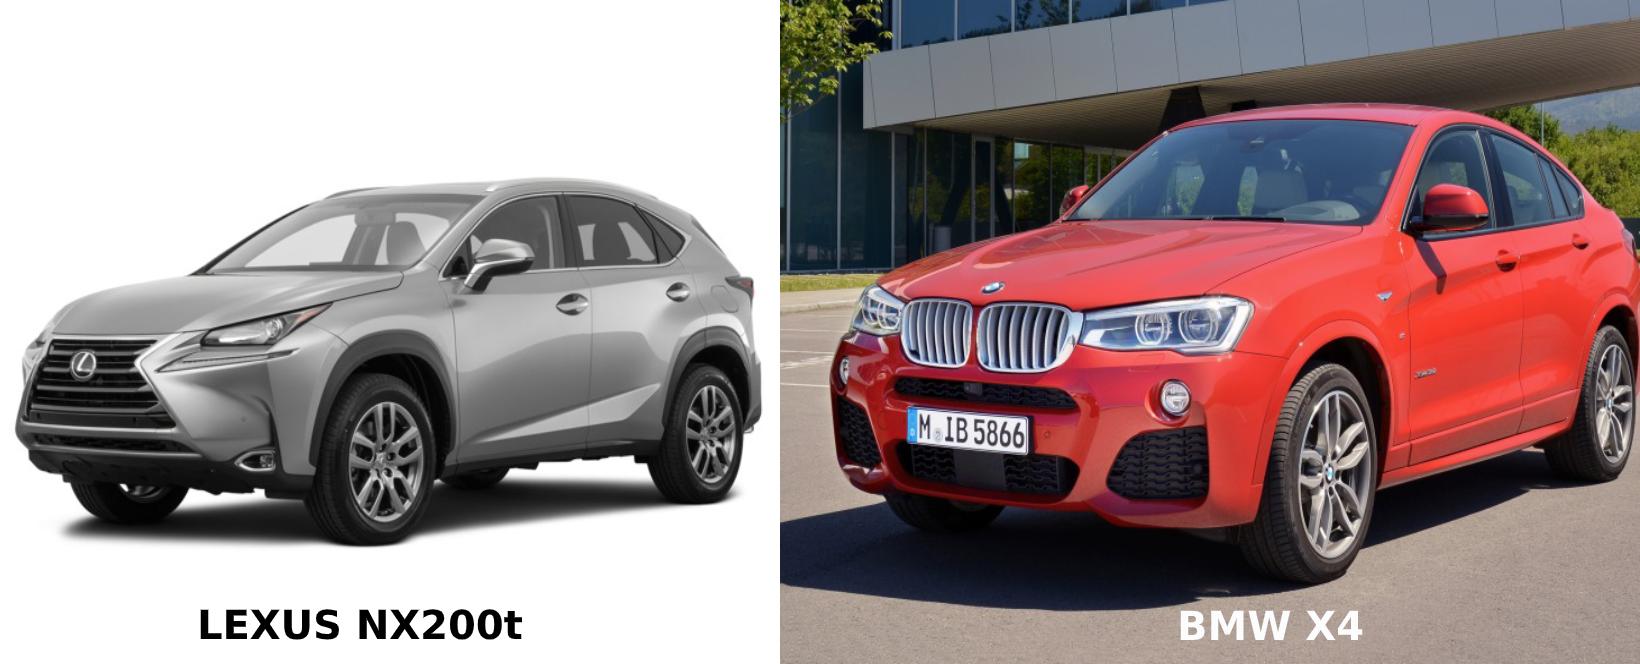 So sánh Lexus NX200t 2017 và BMW X4 2017: Nên lựa chọn mẫu xe nào